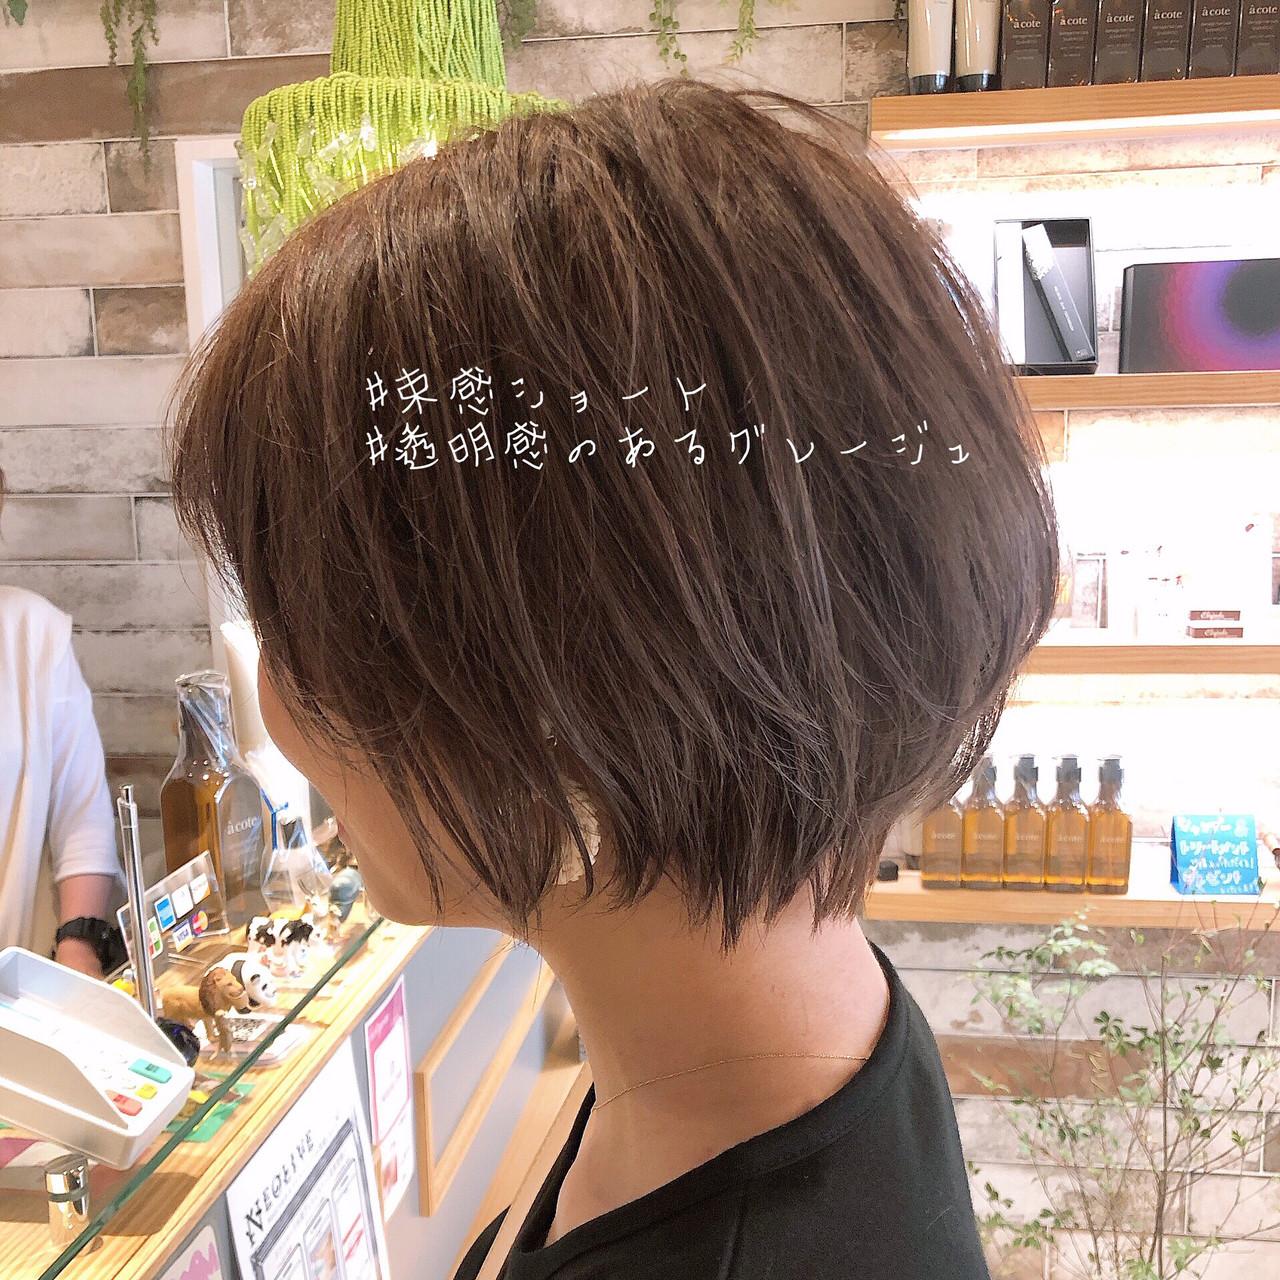 ショート ショートボブ 大人可愛い アンニュイほつれヘア ヘアスタイルや髪型の写真・画像 | 近藤雄太/ショート / Neolive CiroL.